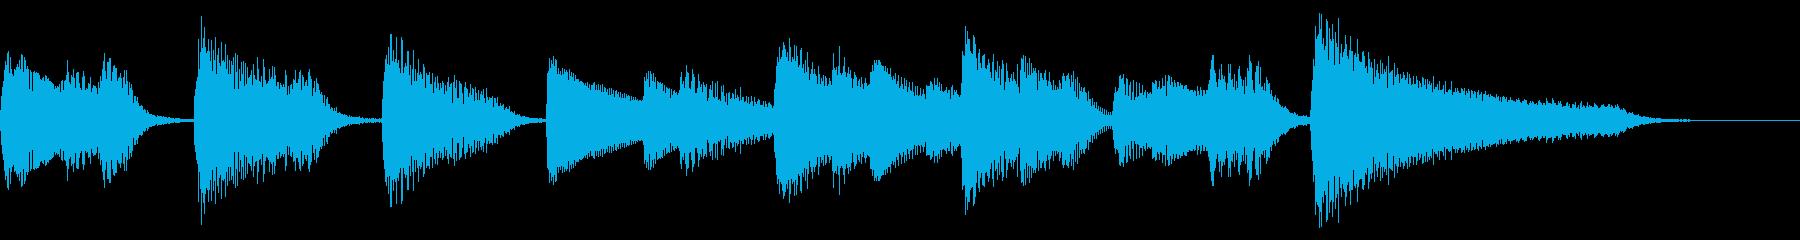 【ジングル】軽快で明るいピアノソロの再生済みの波形